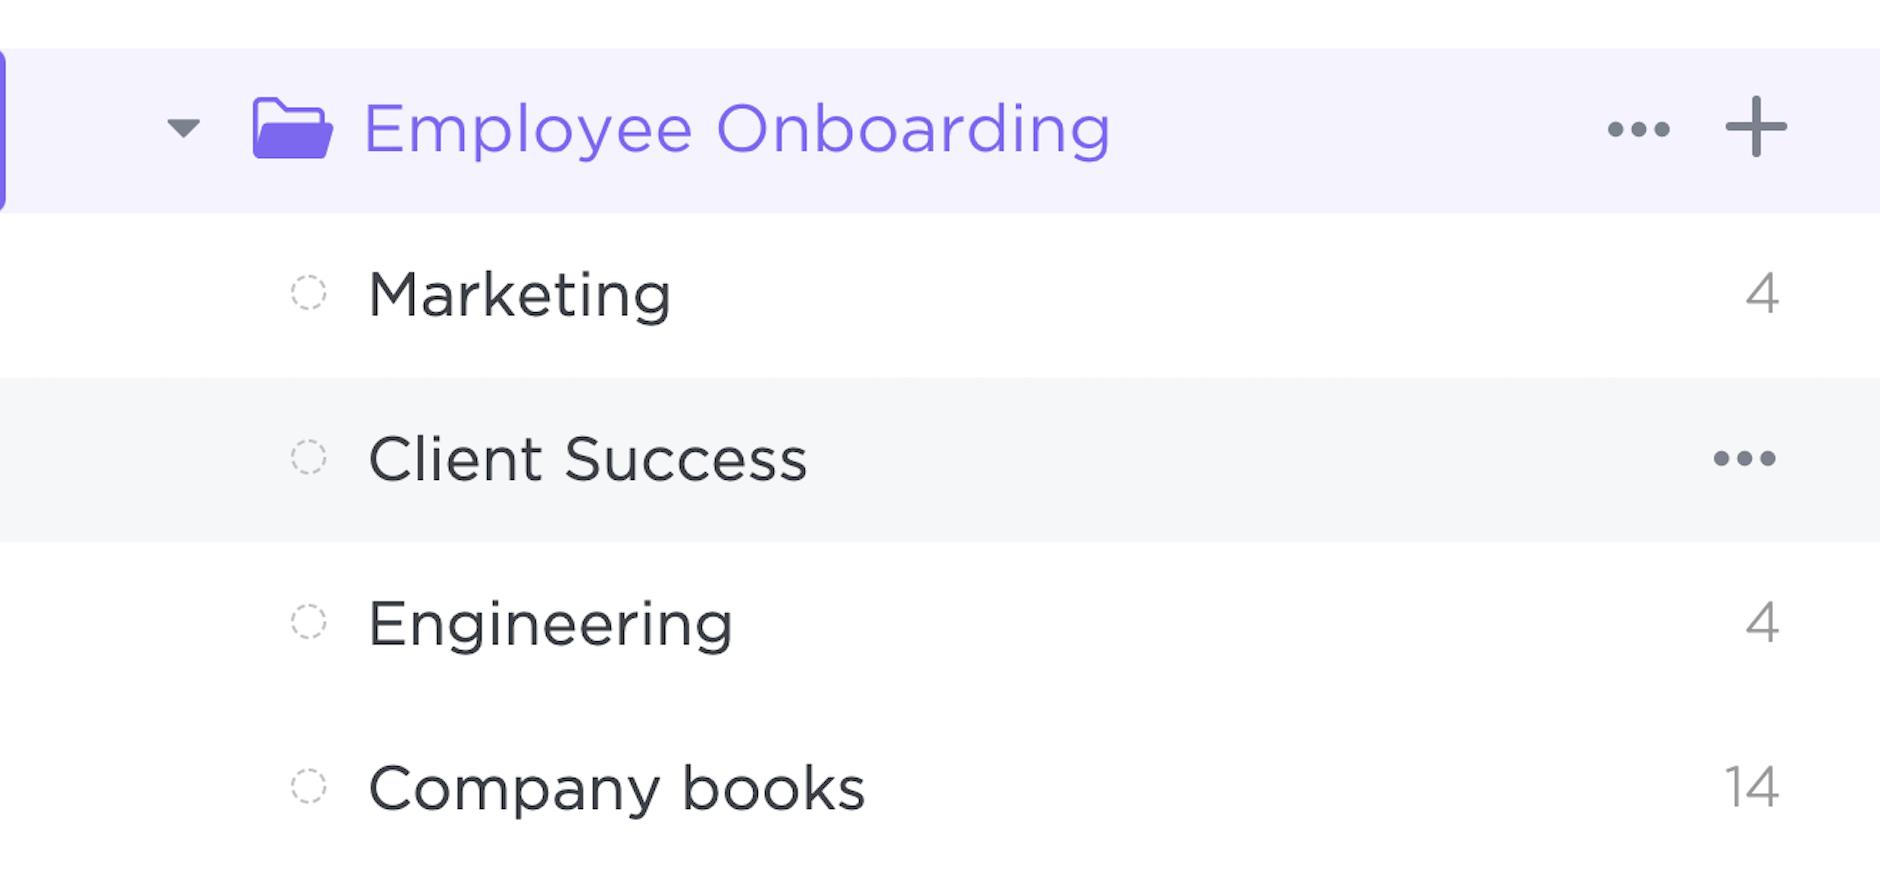 Employee Onboarding template Folder Lists